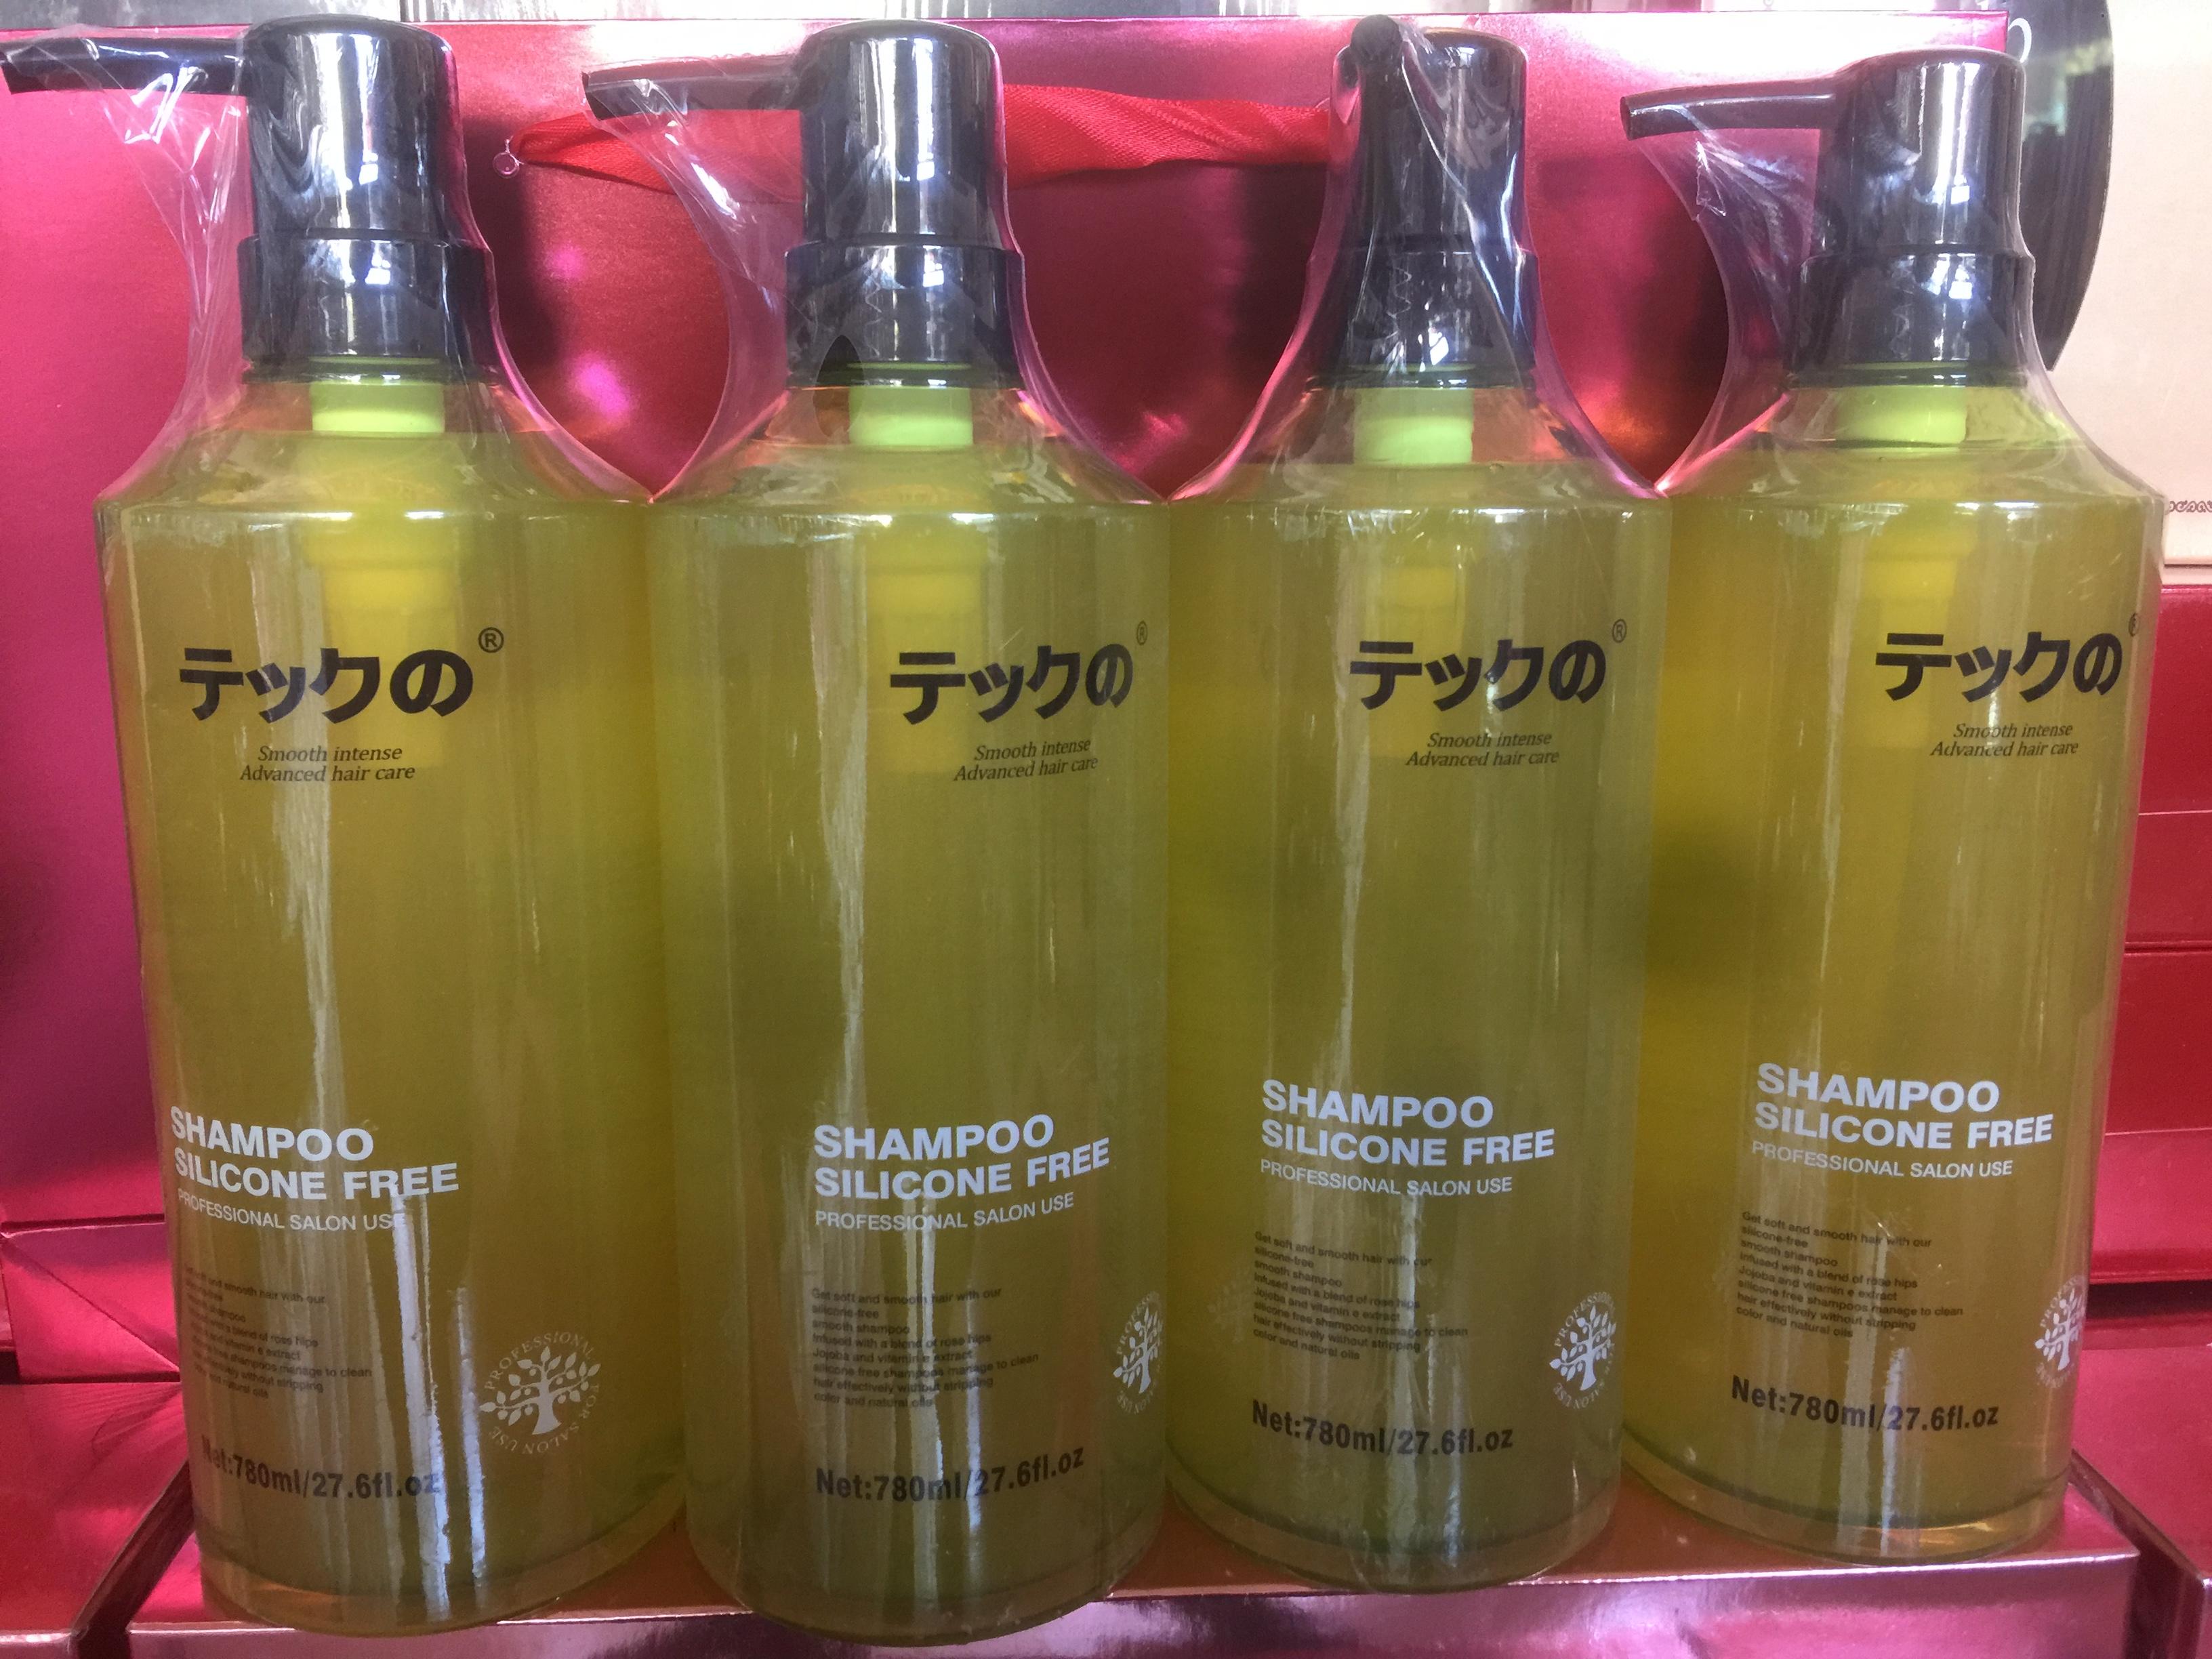 Meggie sin aceite fresco champú shampoo champú limpia y libre de grasa 780ml